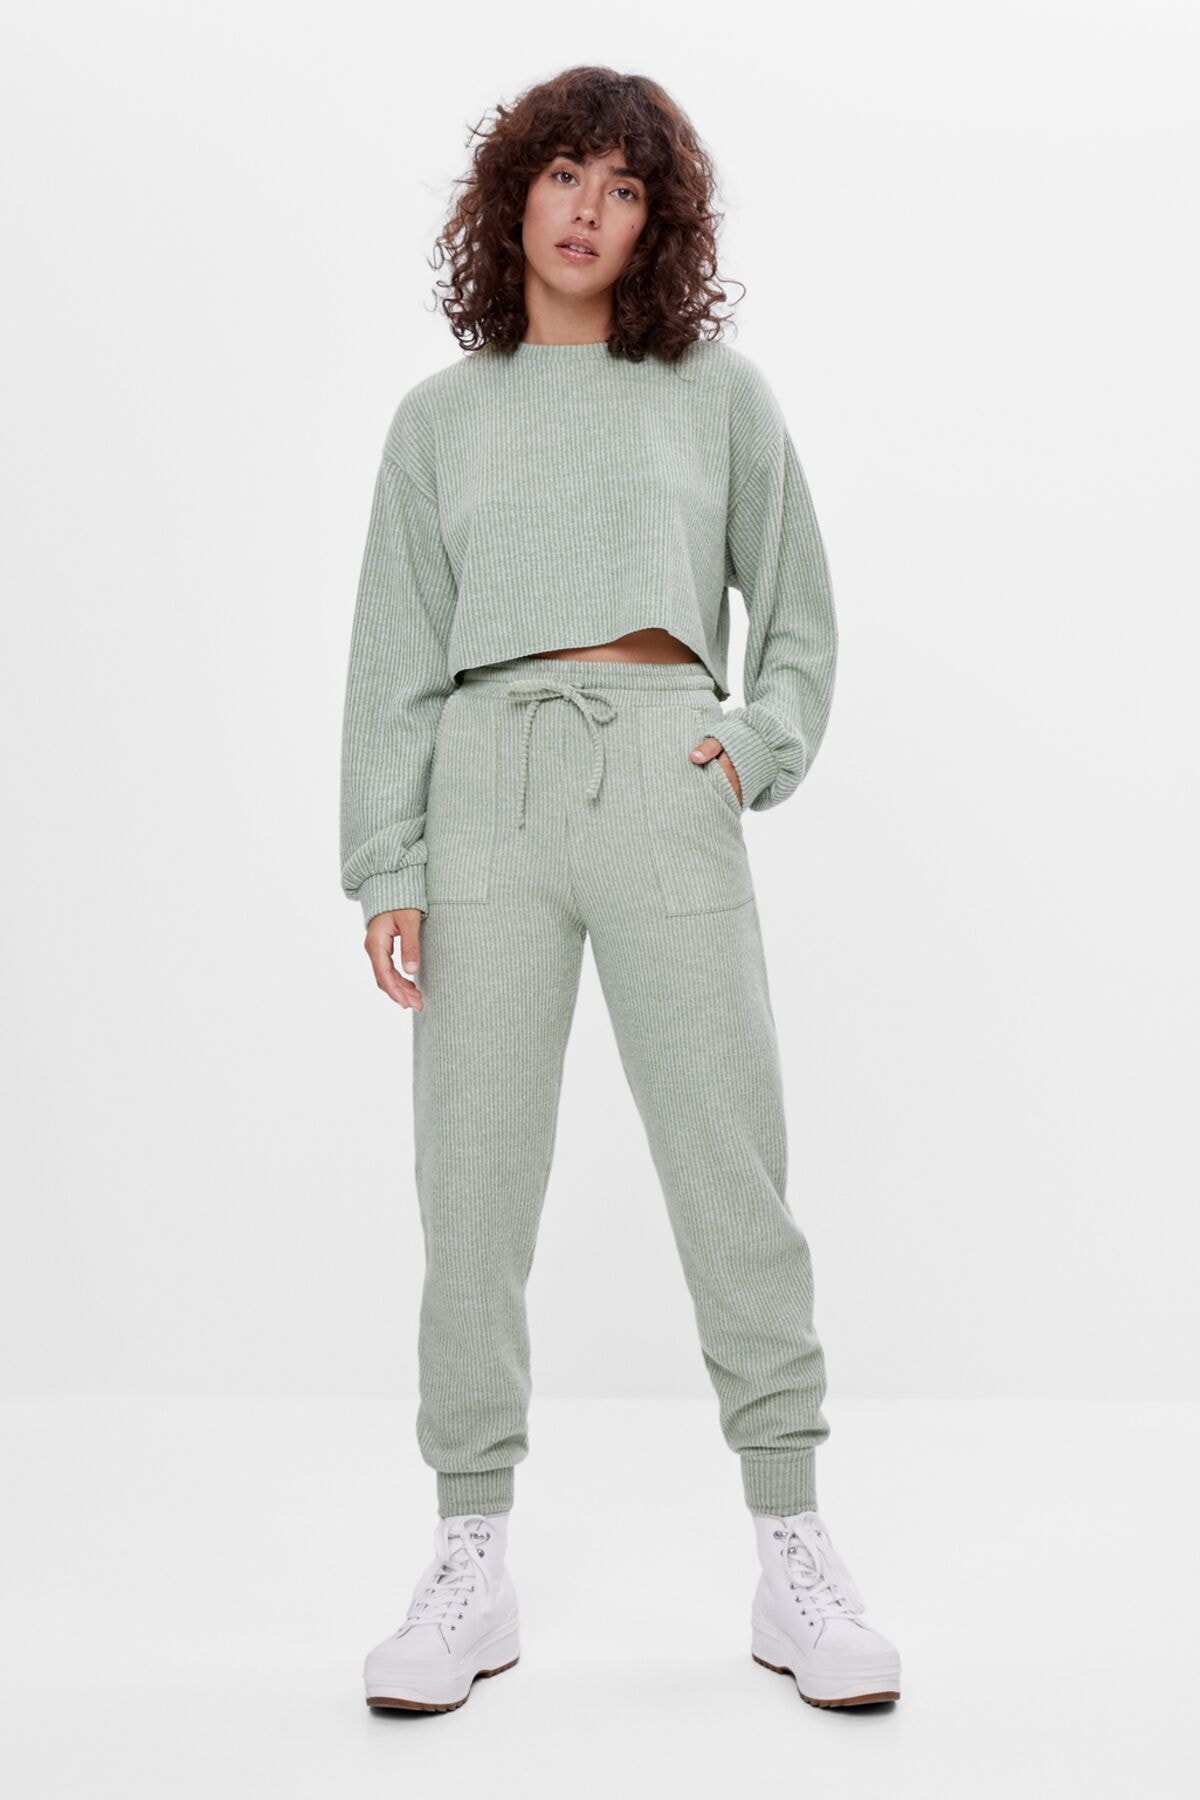 Bershka Kadın Haki Ajurlu Örgü Jogger Pantolon 1